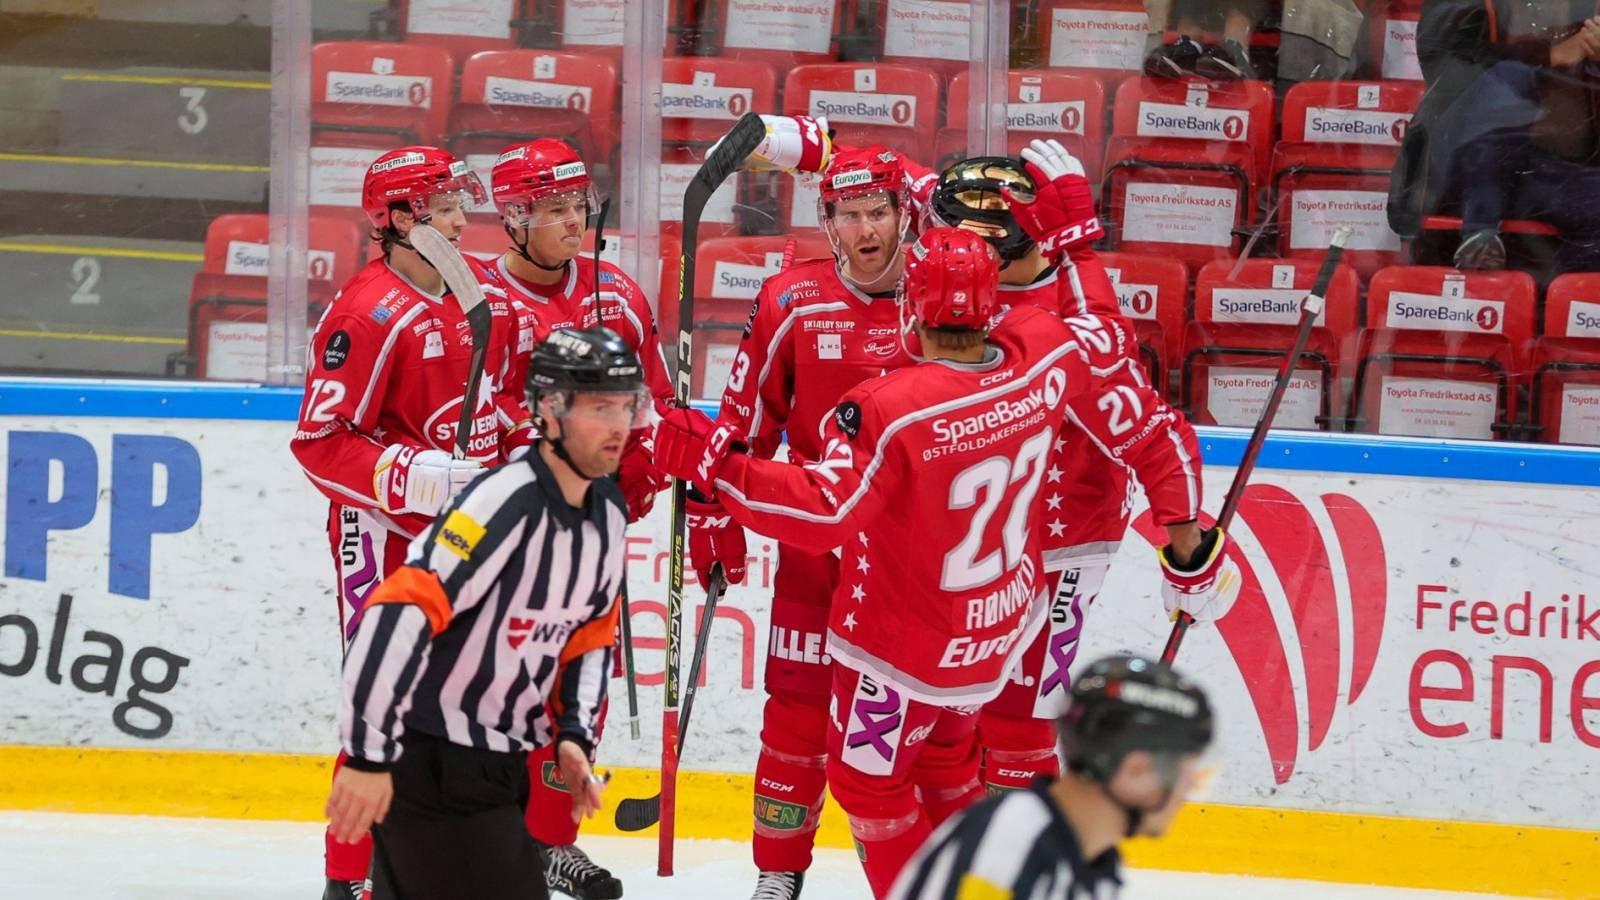 Lillehammer - Stjernen 2-3 OT